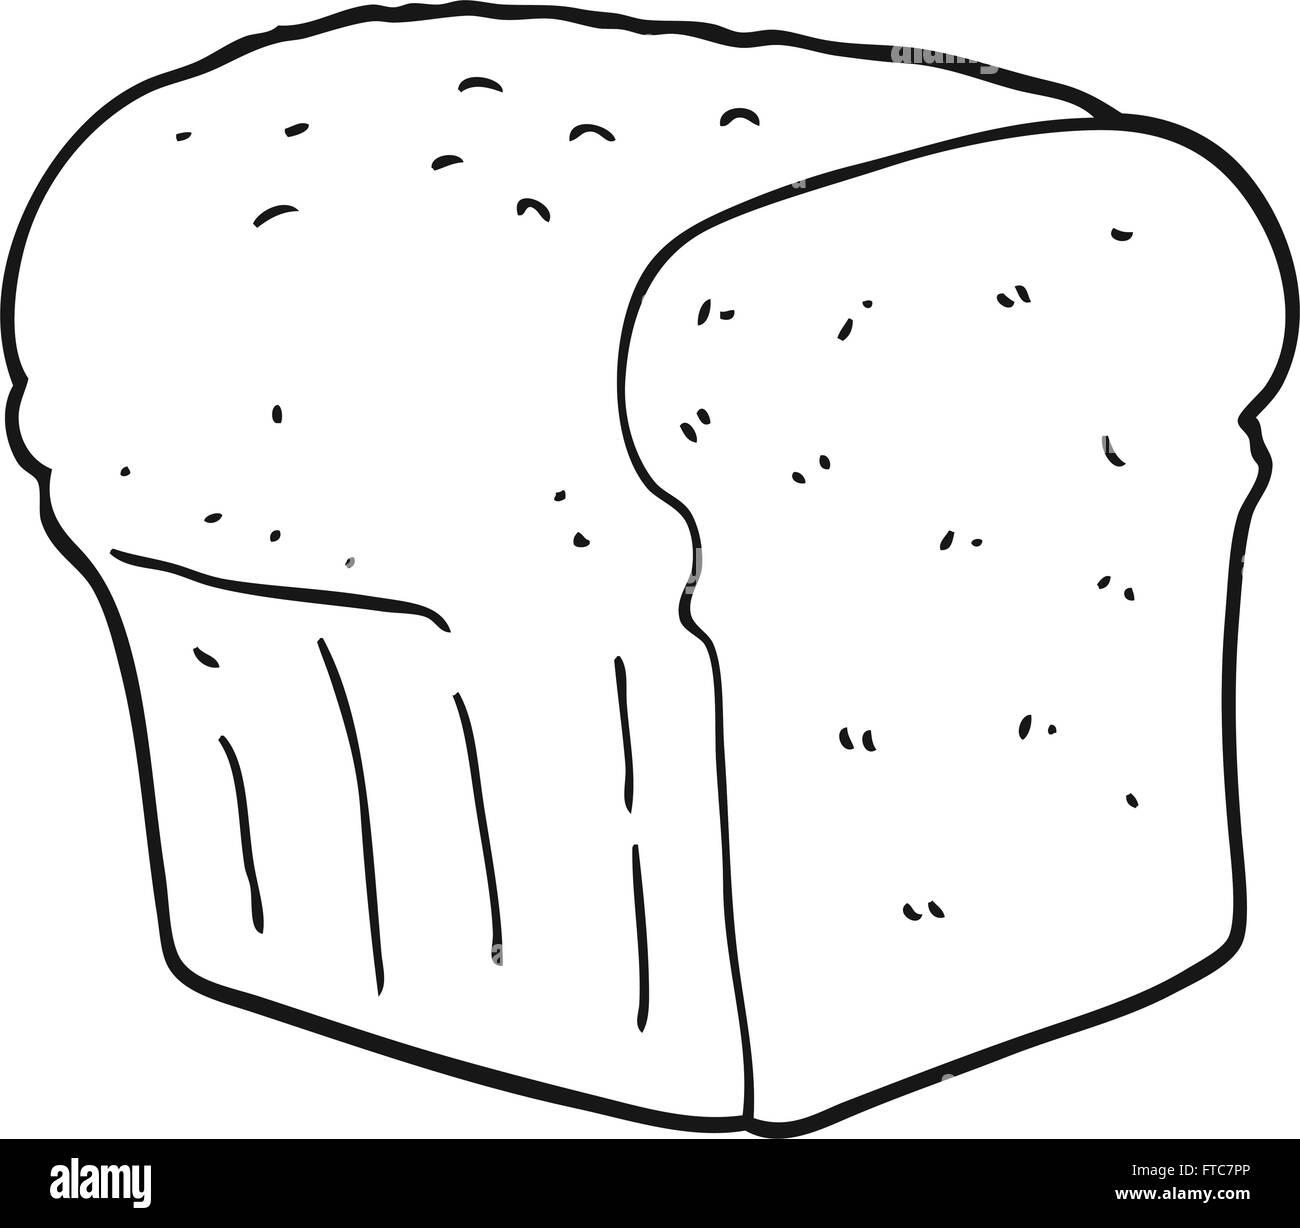 Niedlich Ausmalbilder Brot Galerie - Malvorlagen Von Tieren - ngadi.info